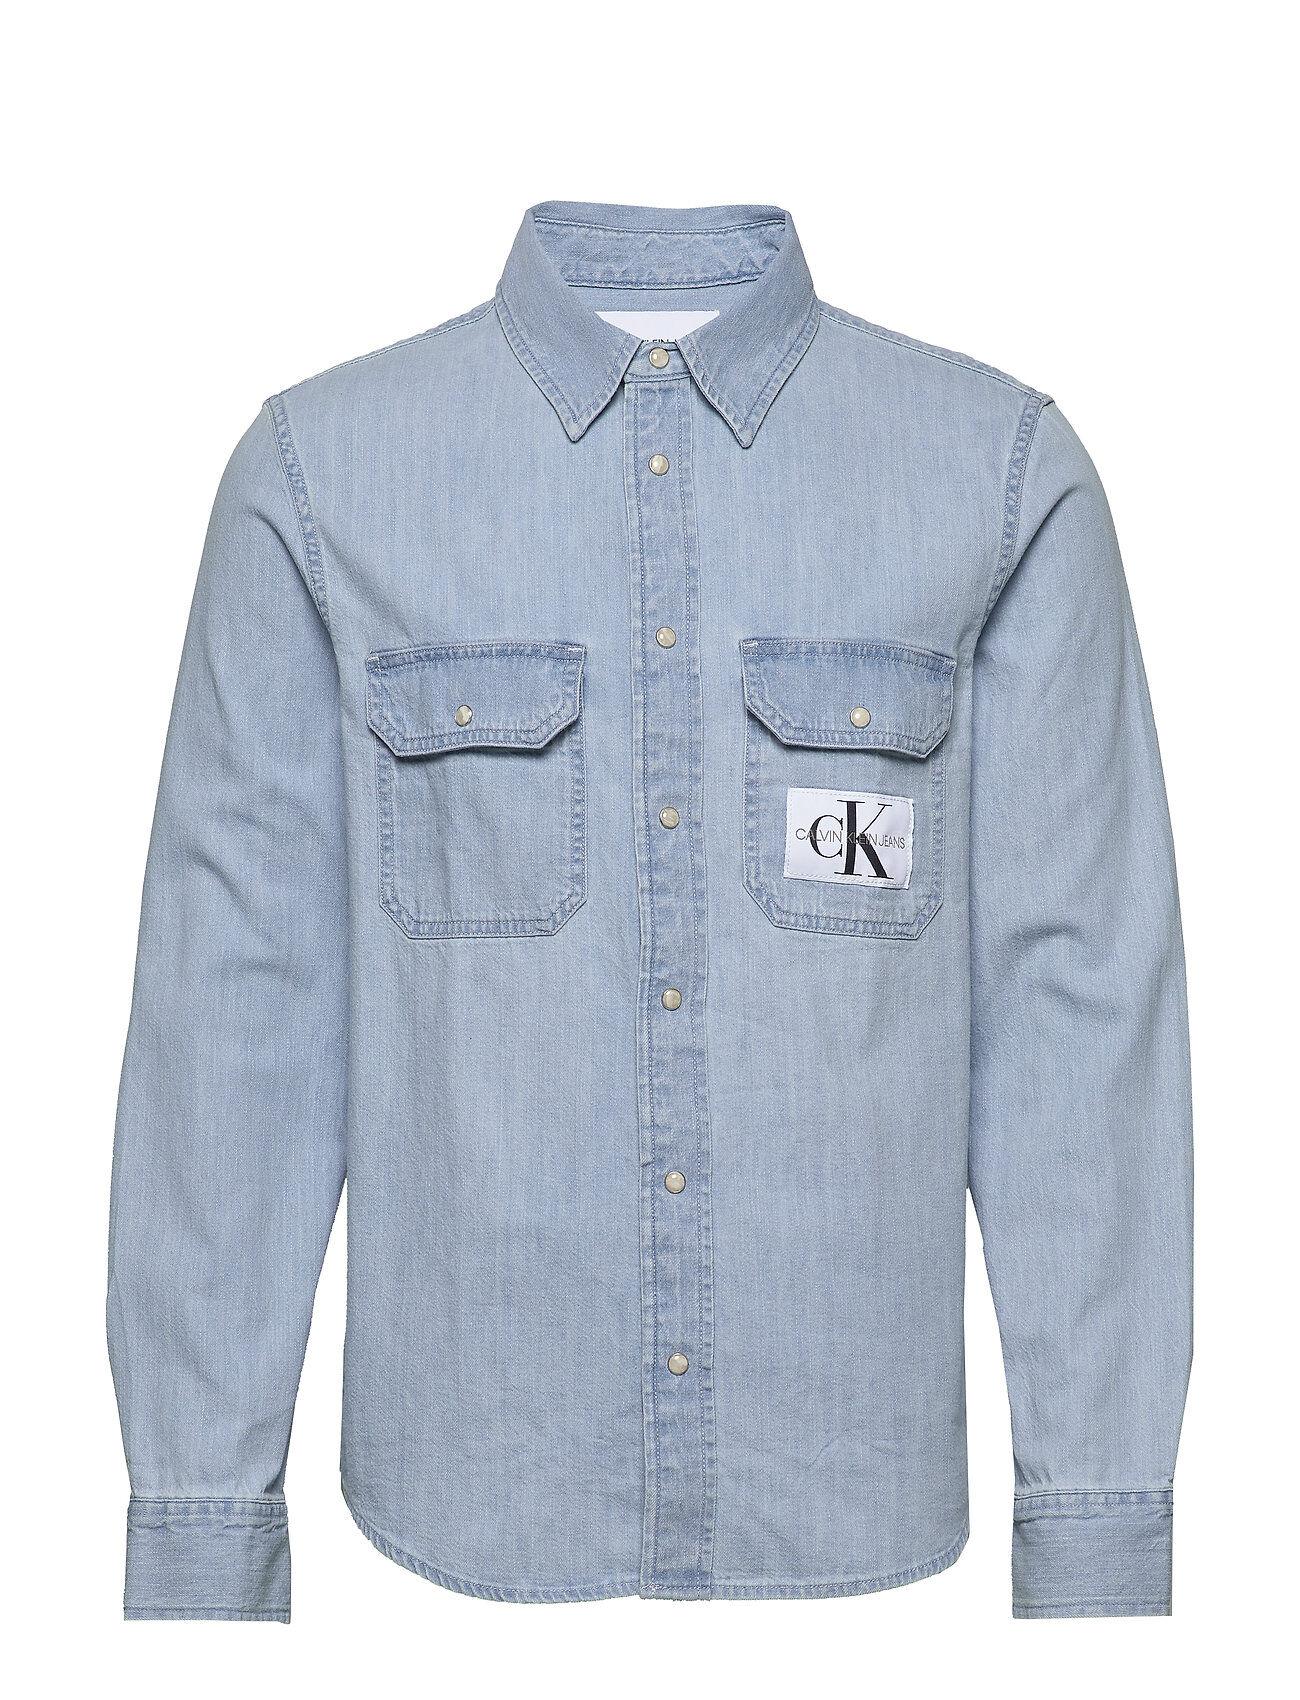 Image of Calvin Modern Utility Shirt Paita Rento Casual Sininen Calvin Klein Jeans